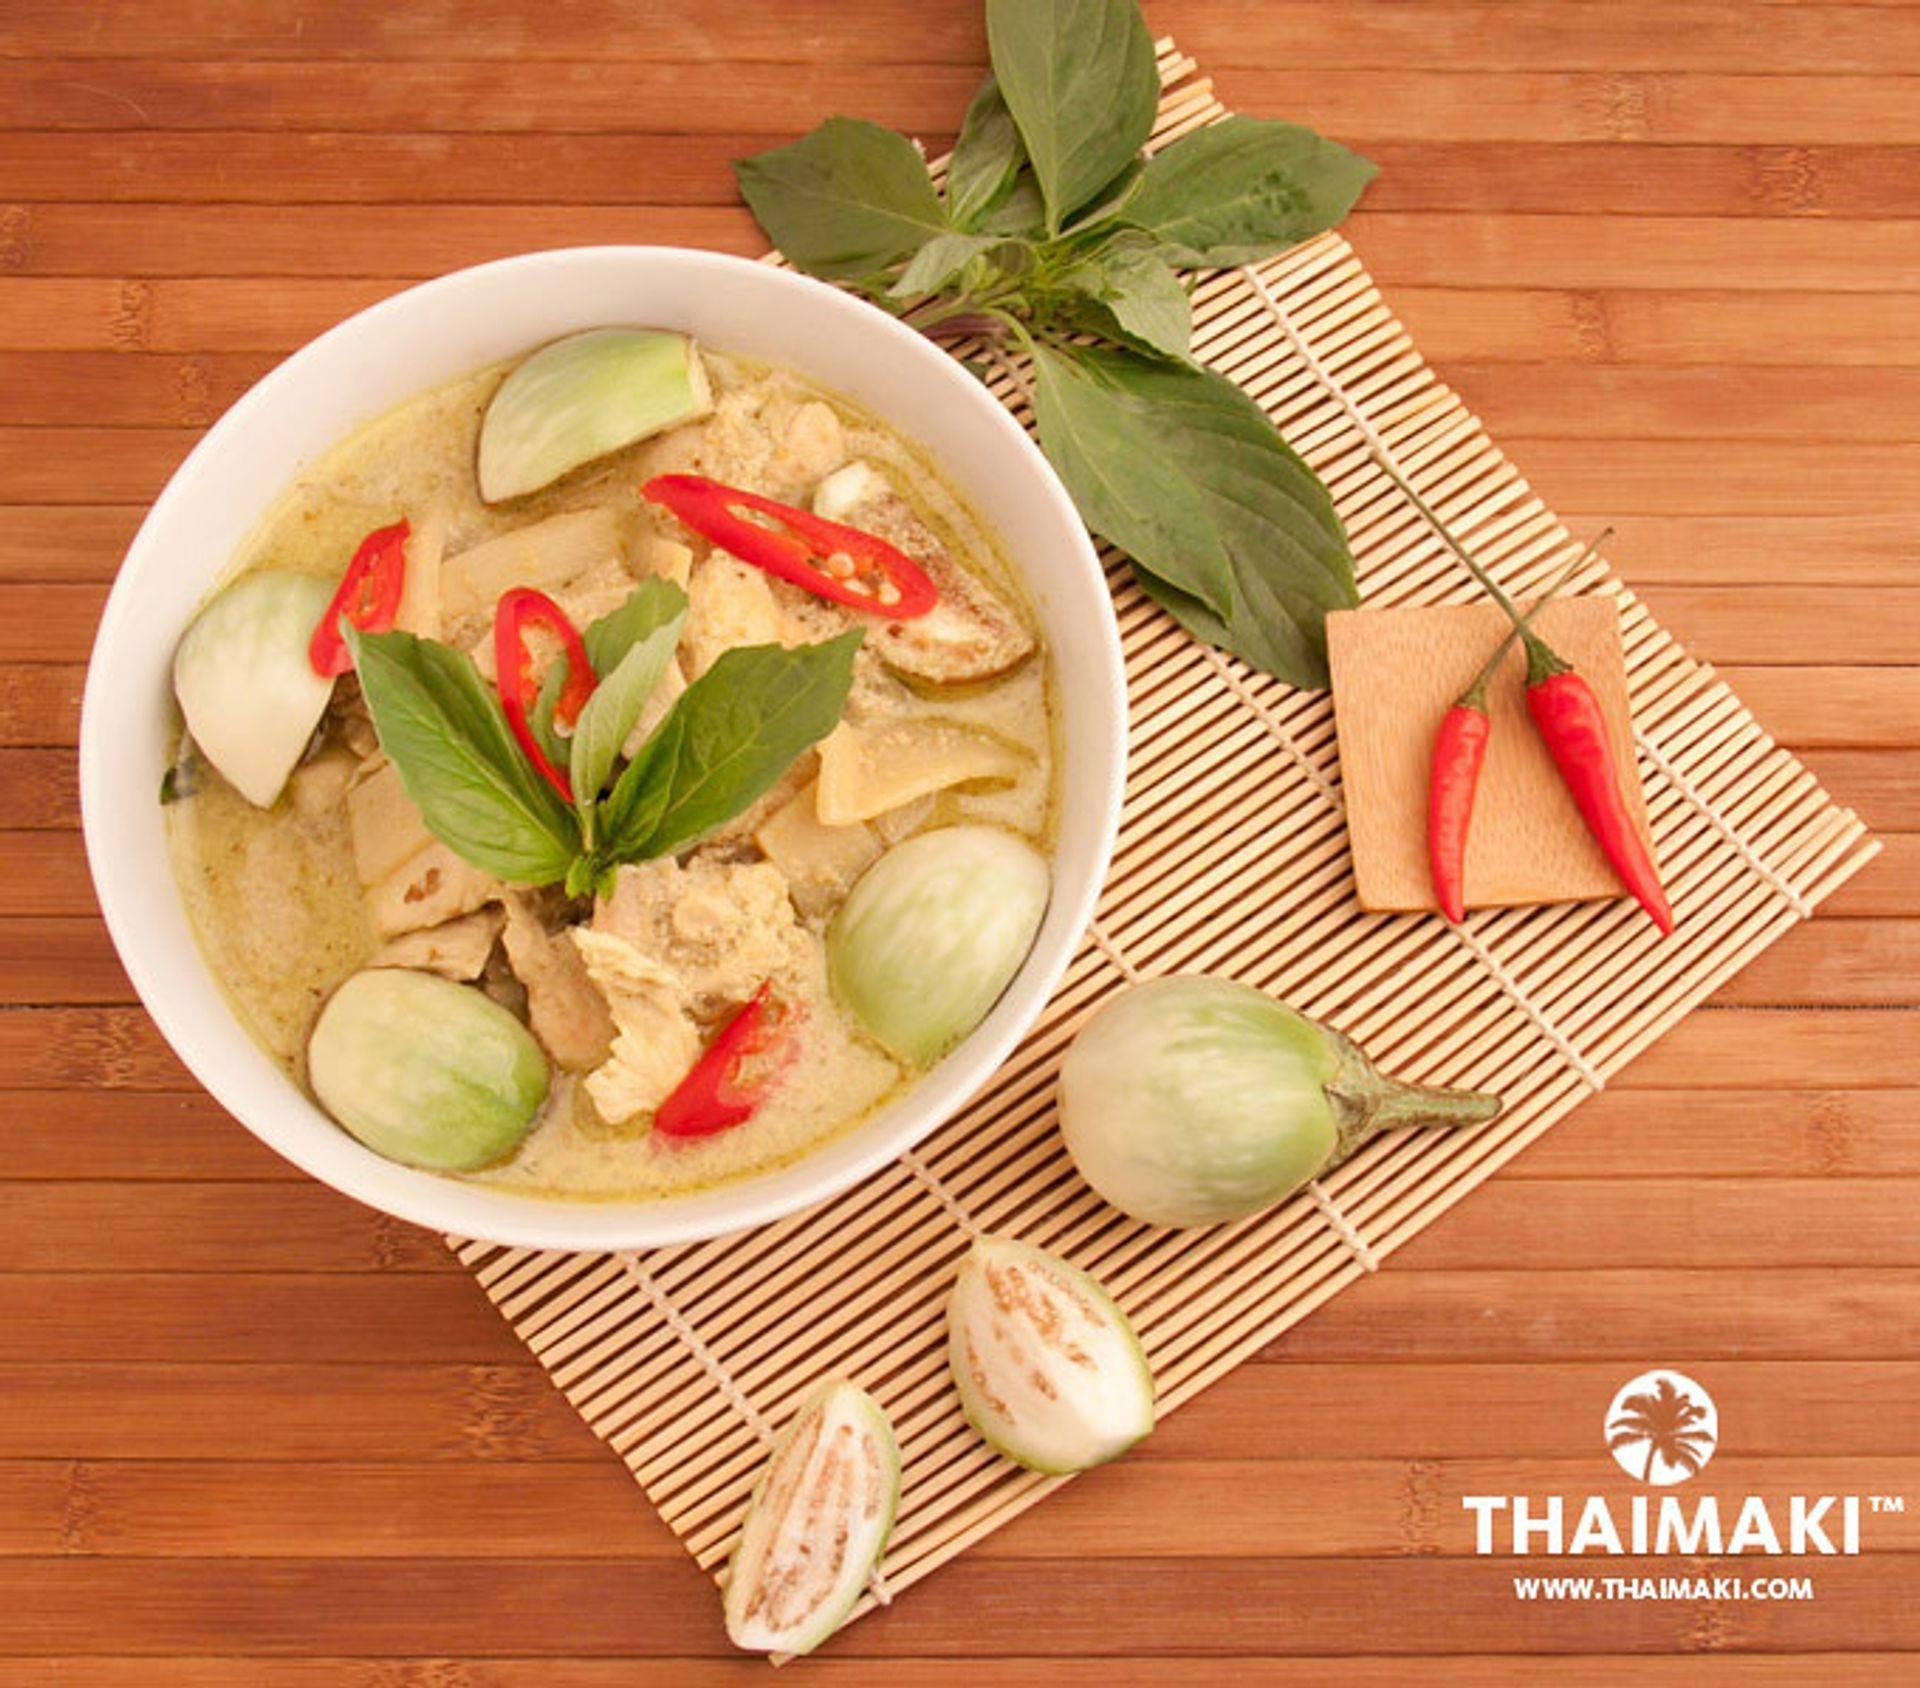 Des saveurs de la Thaïlande, curry, coco, citronnelle, aubergines